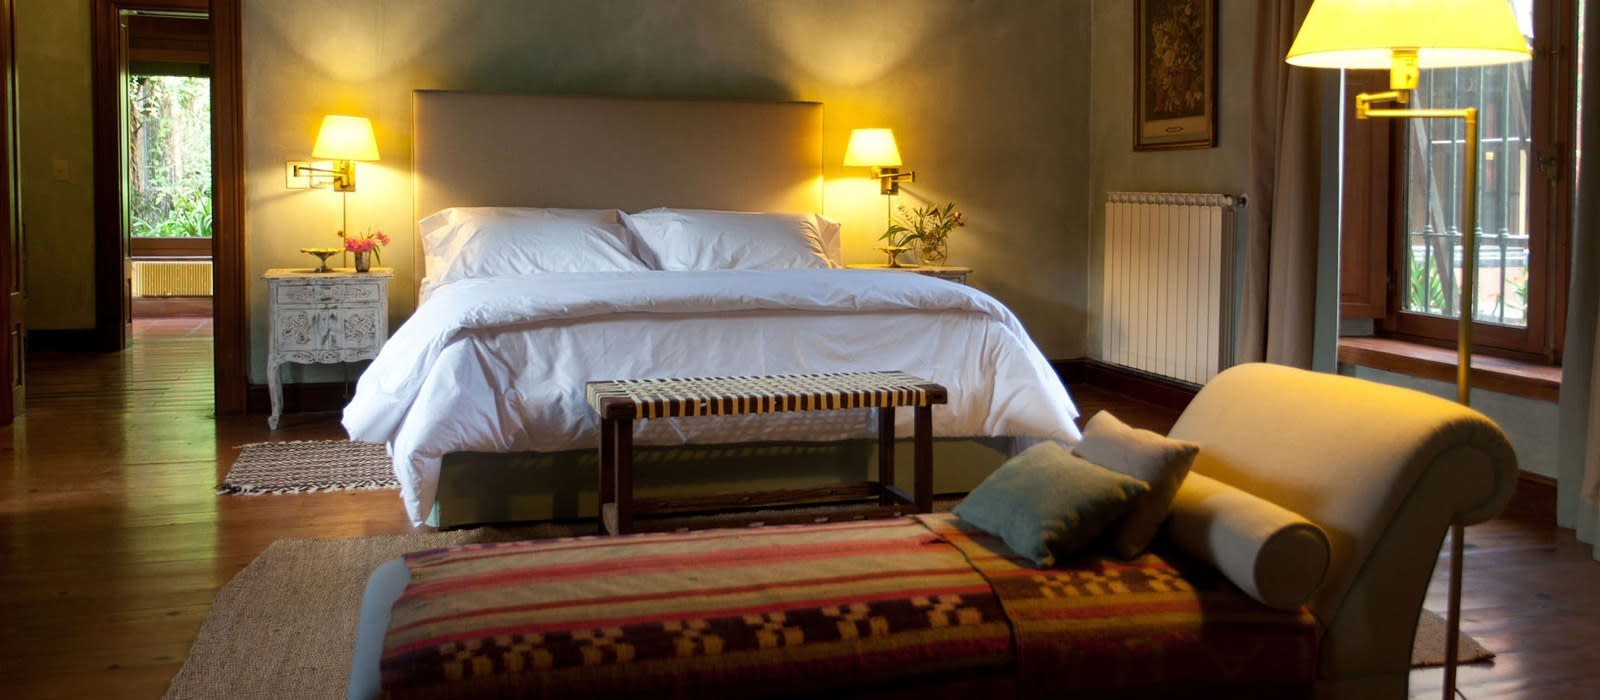 Hotel Estancia La Bandada Argentinien